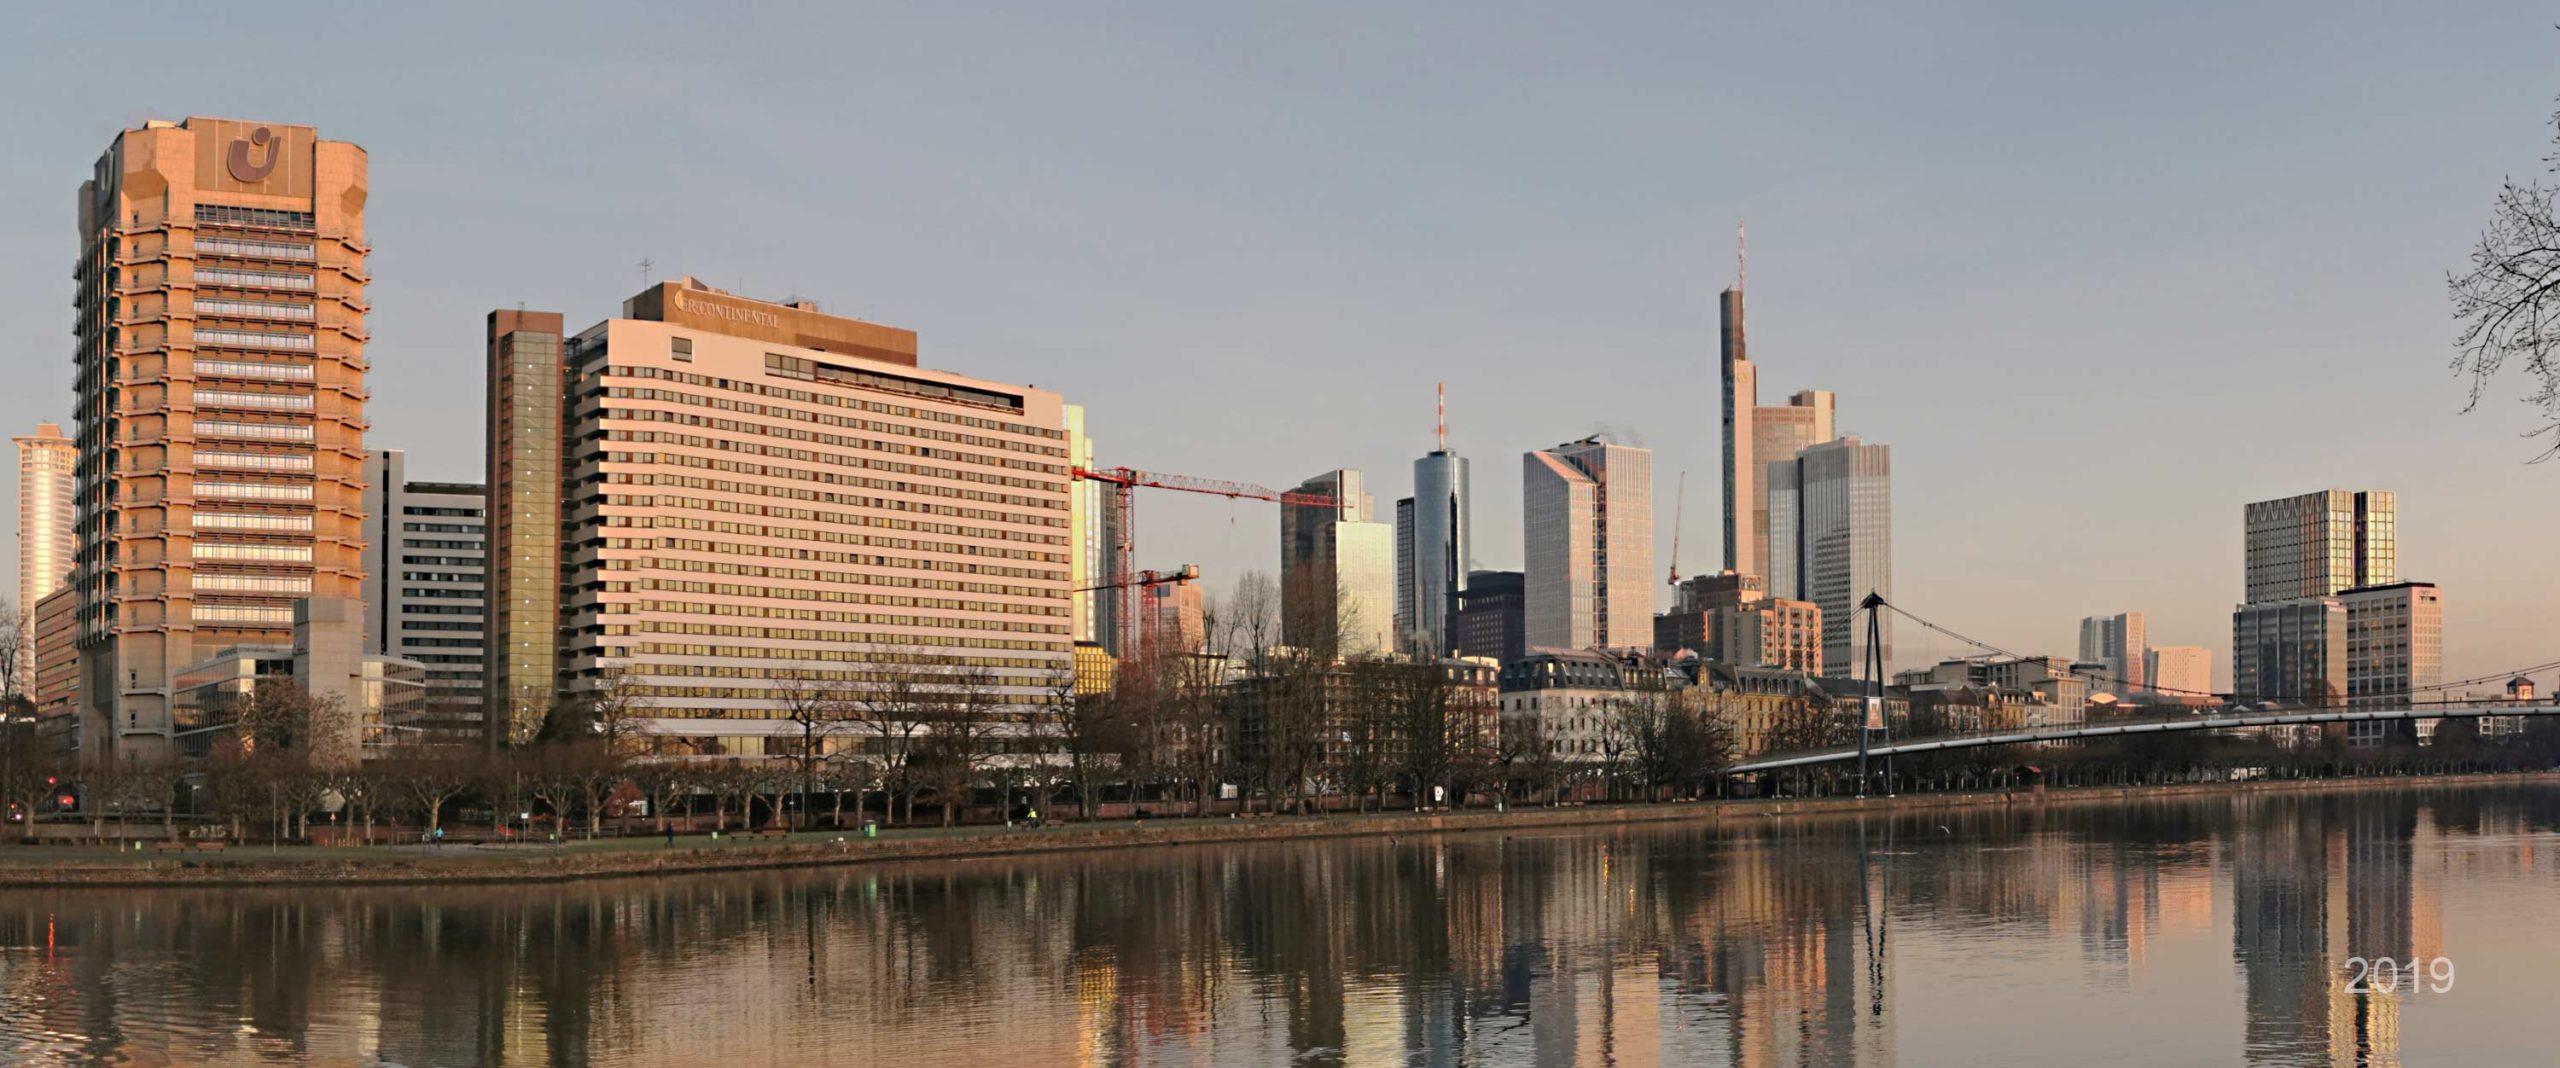 Stadtansicht Frankfurt 2019 - Silhouette von Frankfurt am Main - Stadtpanorama Frankfurt vom Main aus - Skylineaufnahme Bankenviertel und Hochhäuser